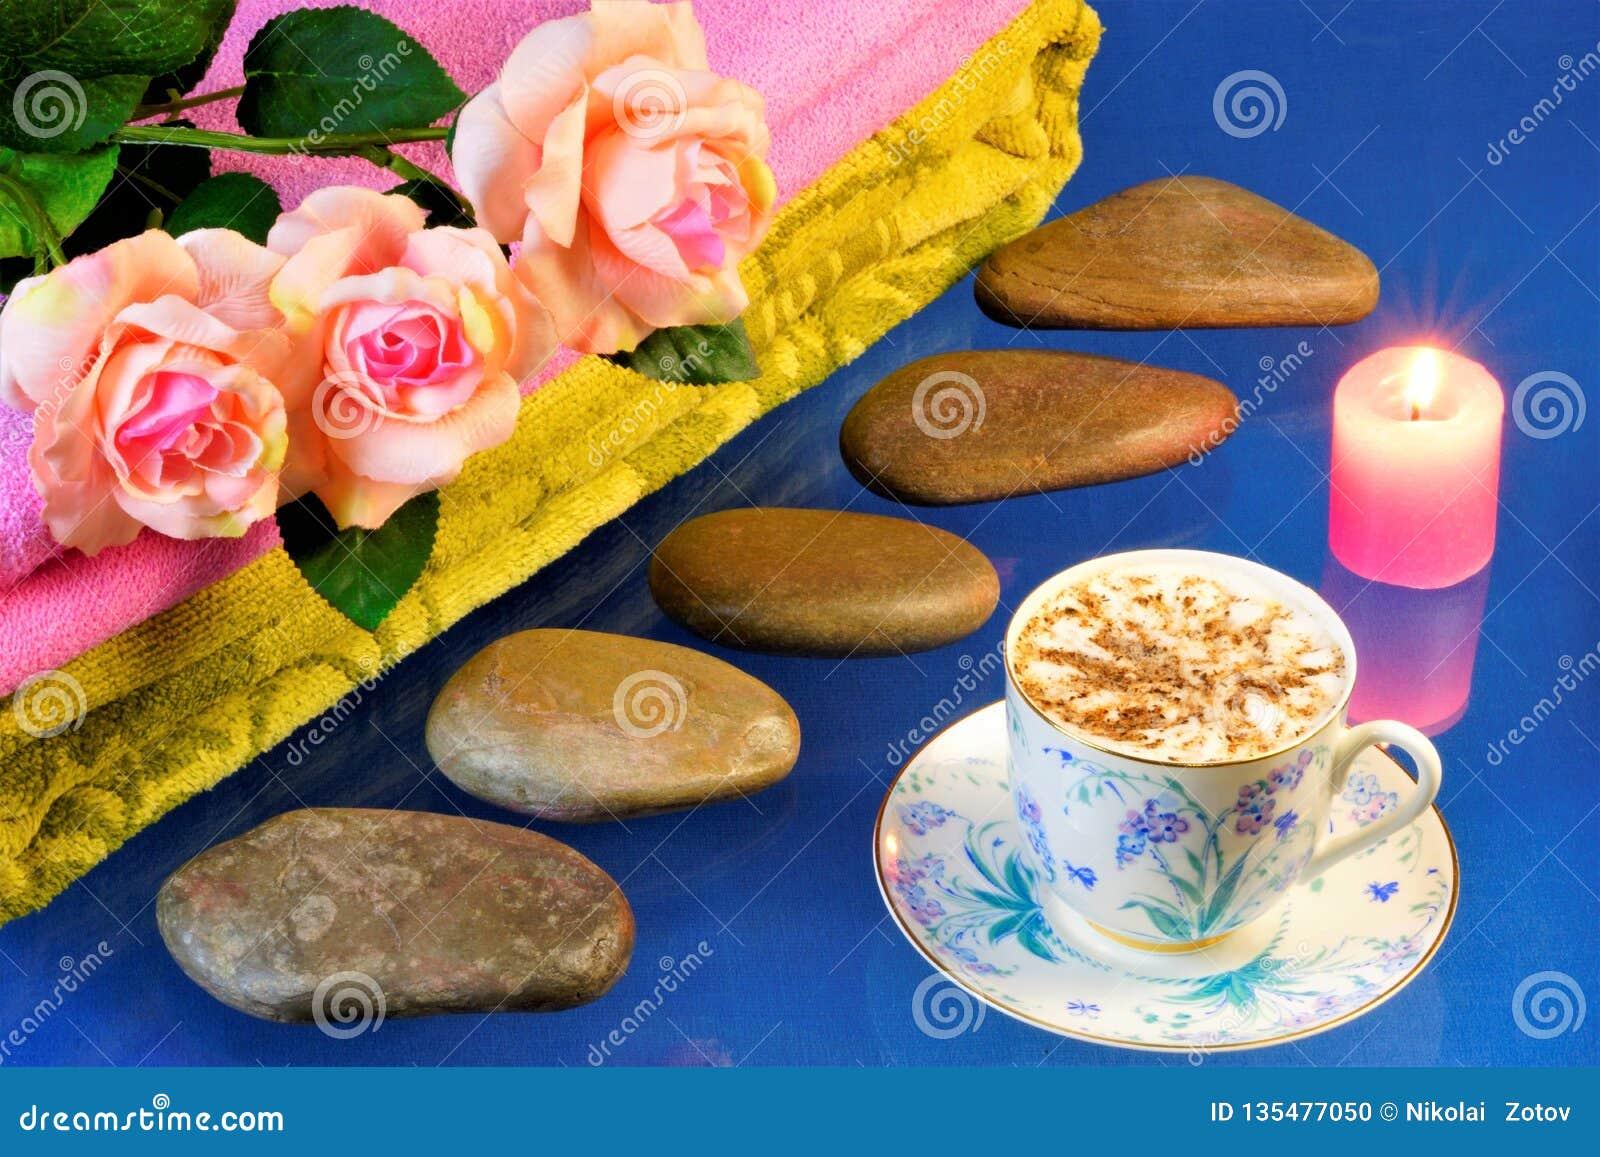 Kuuroordstenen, mooie rozen, kaars en koffie Hete steen massage-stenen therapie, efficiënte behandeling voor vele ziekten Op een